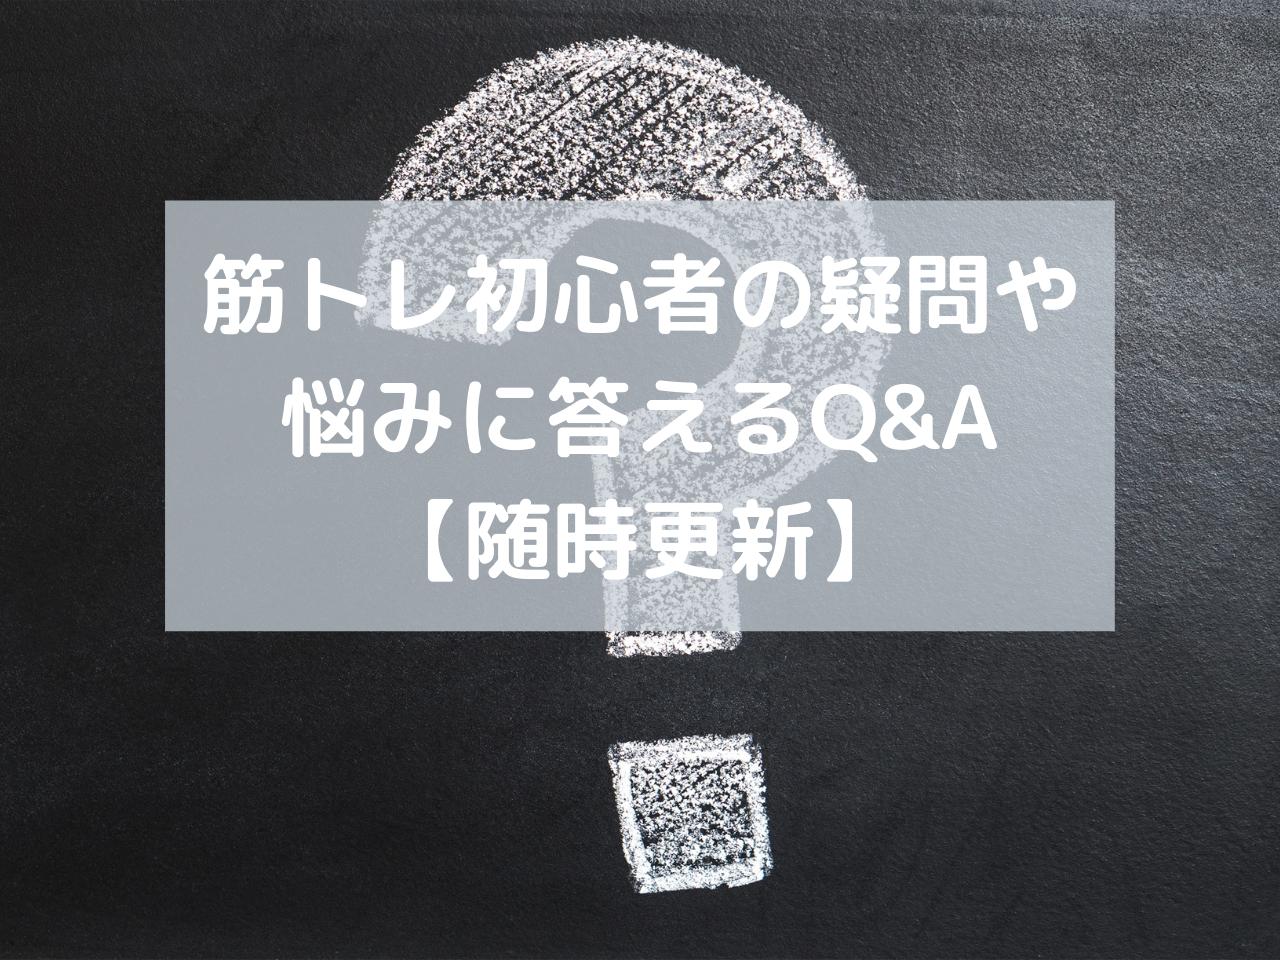 筋トレ初心者の疑問や悩みに答えるQ&A